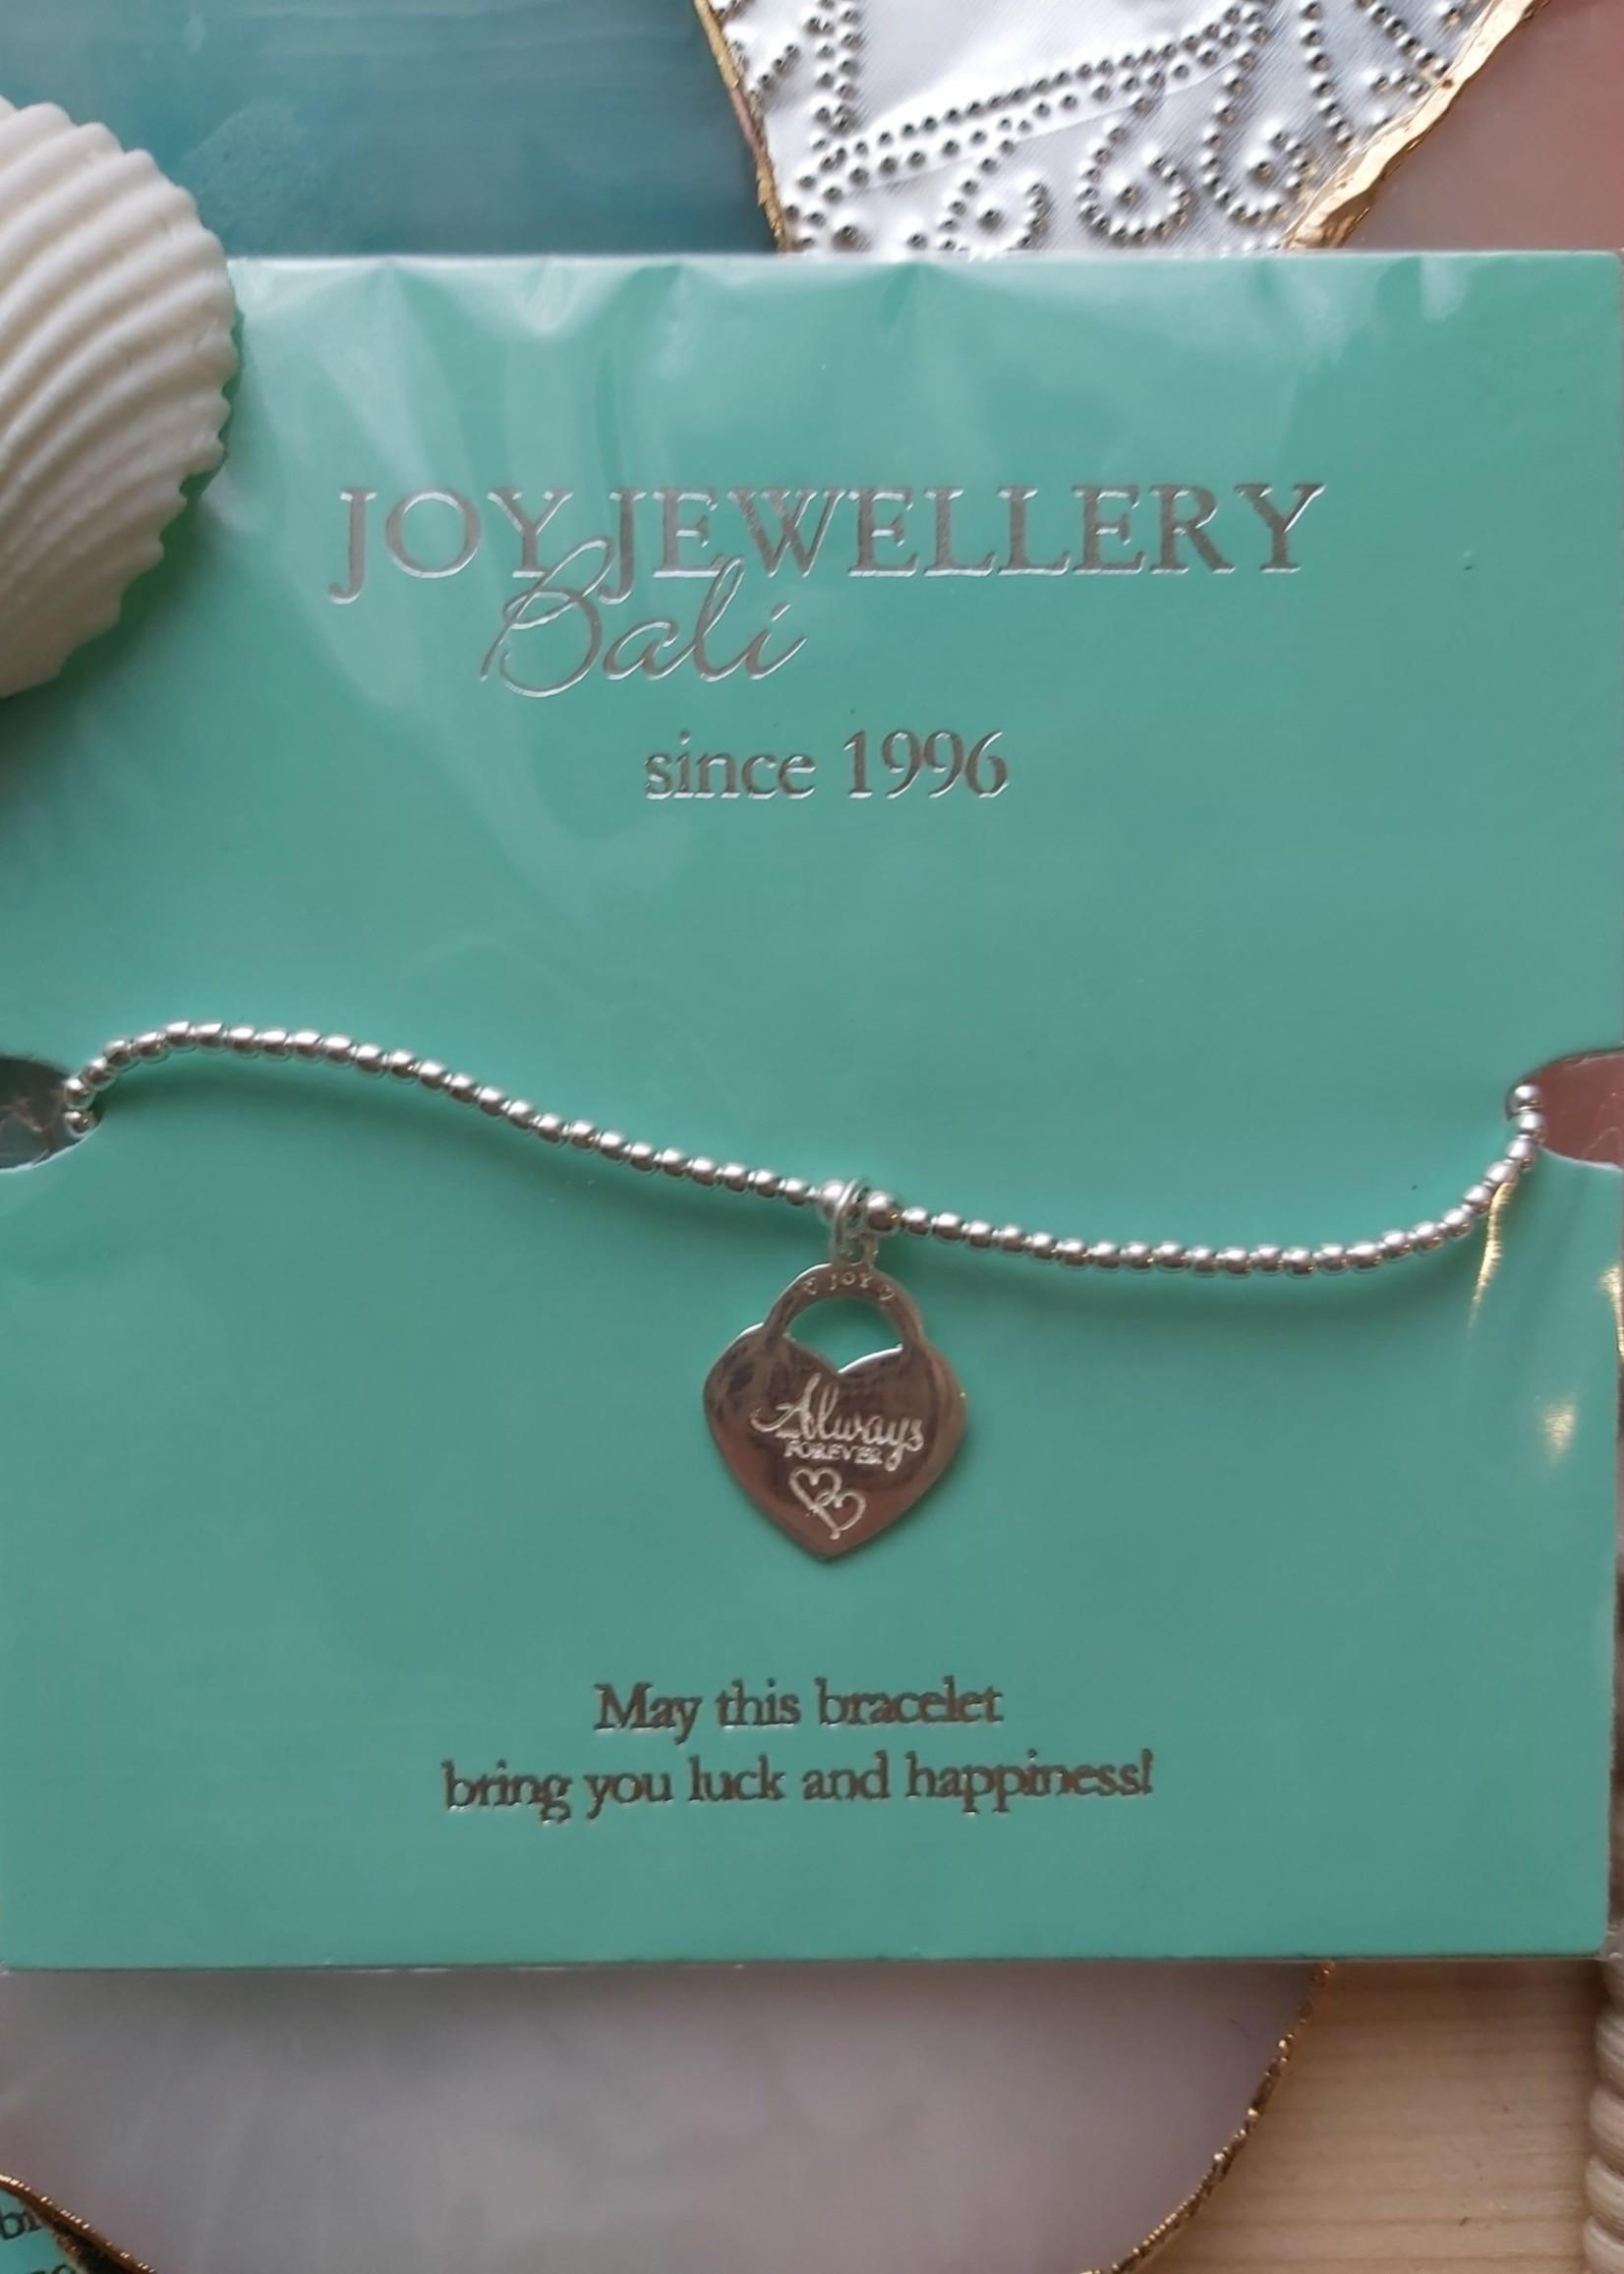 Joy Bali JOY Tiny Wish armband Always & Forever